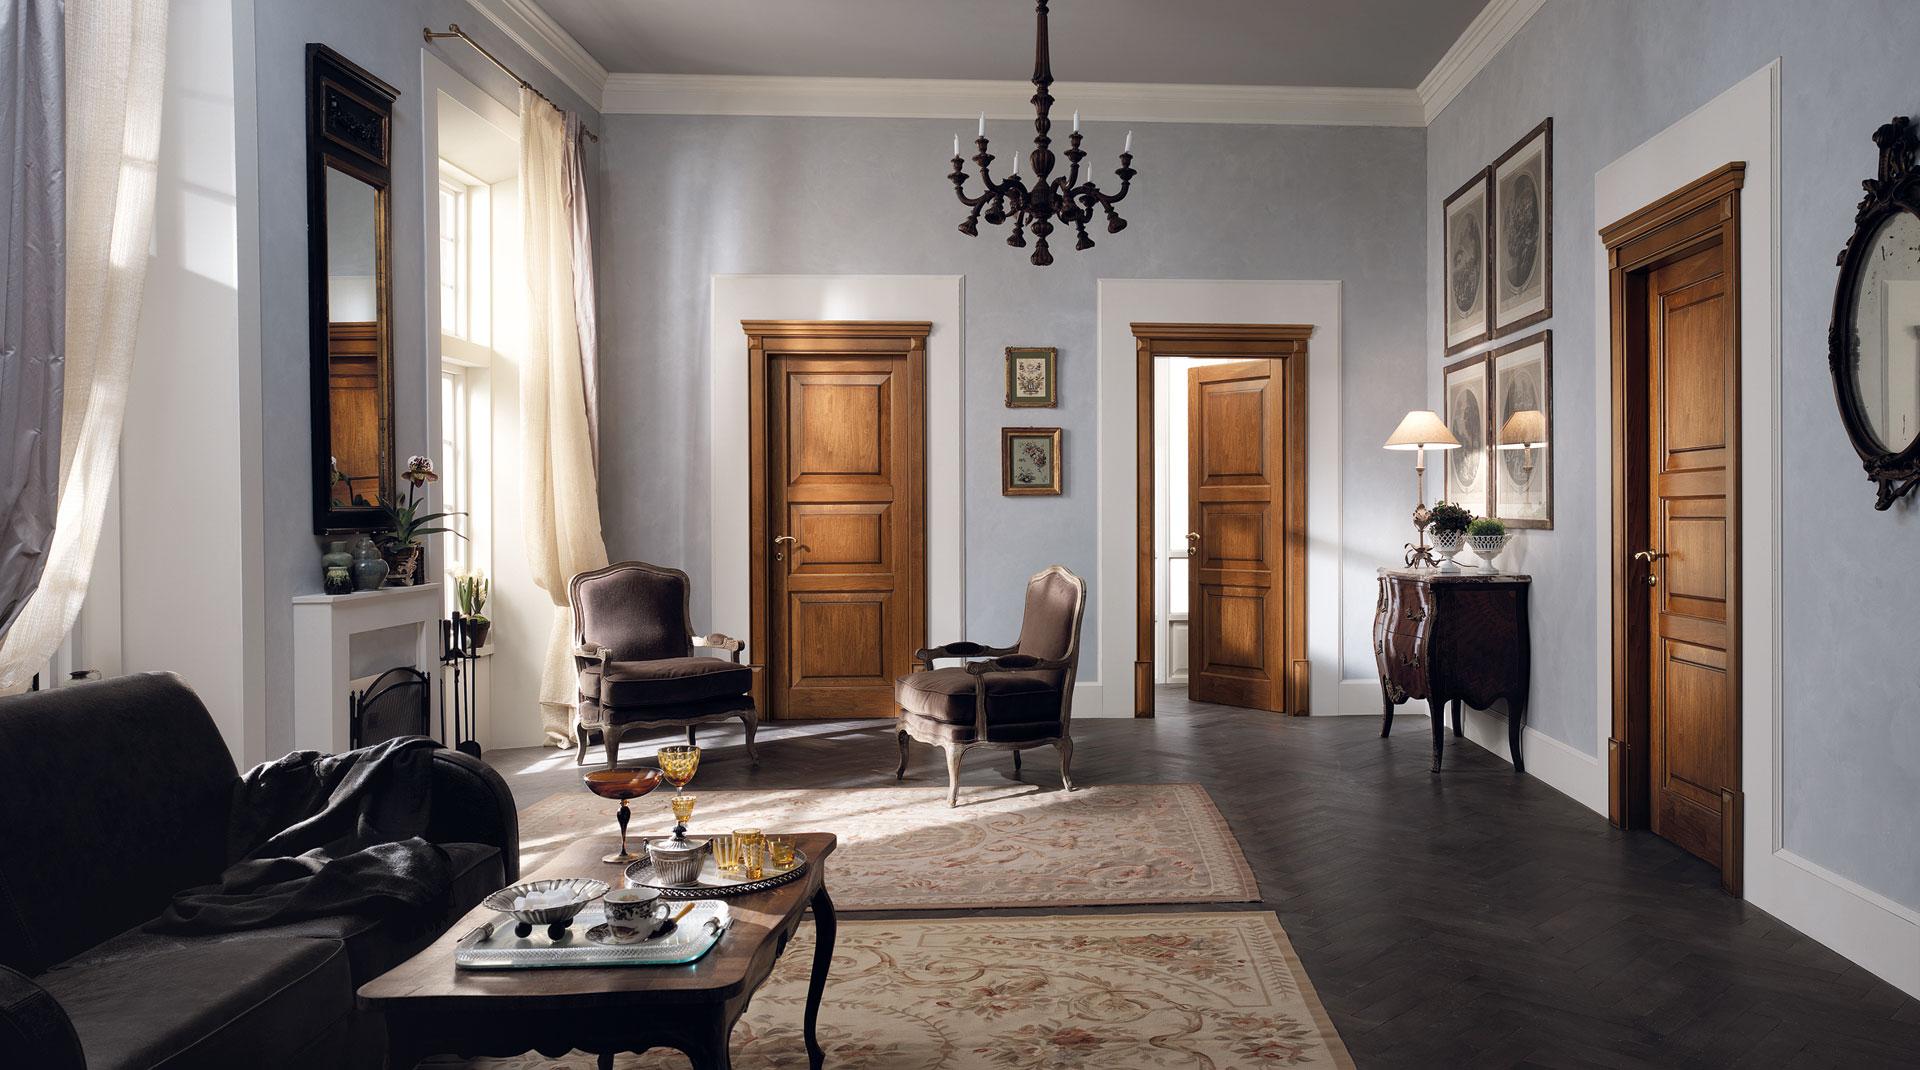 t ren aus massivholz holzt ren online kaufen schagerl gmbh. Black Bedroom Furniture Sets. Home Design Ideas